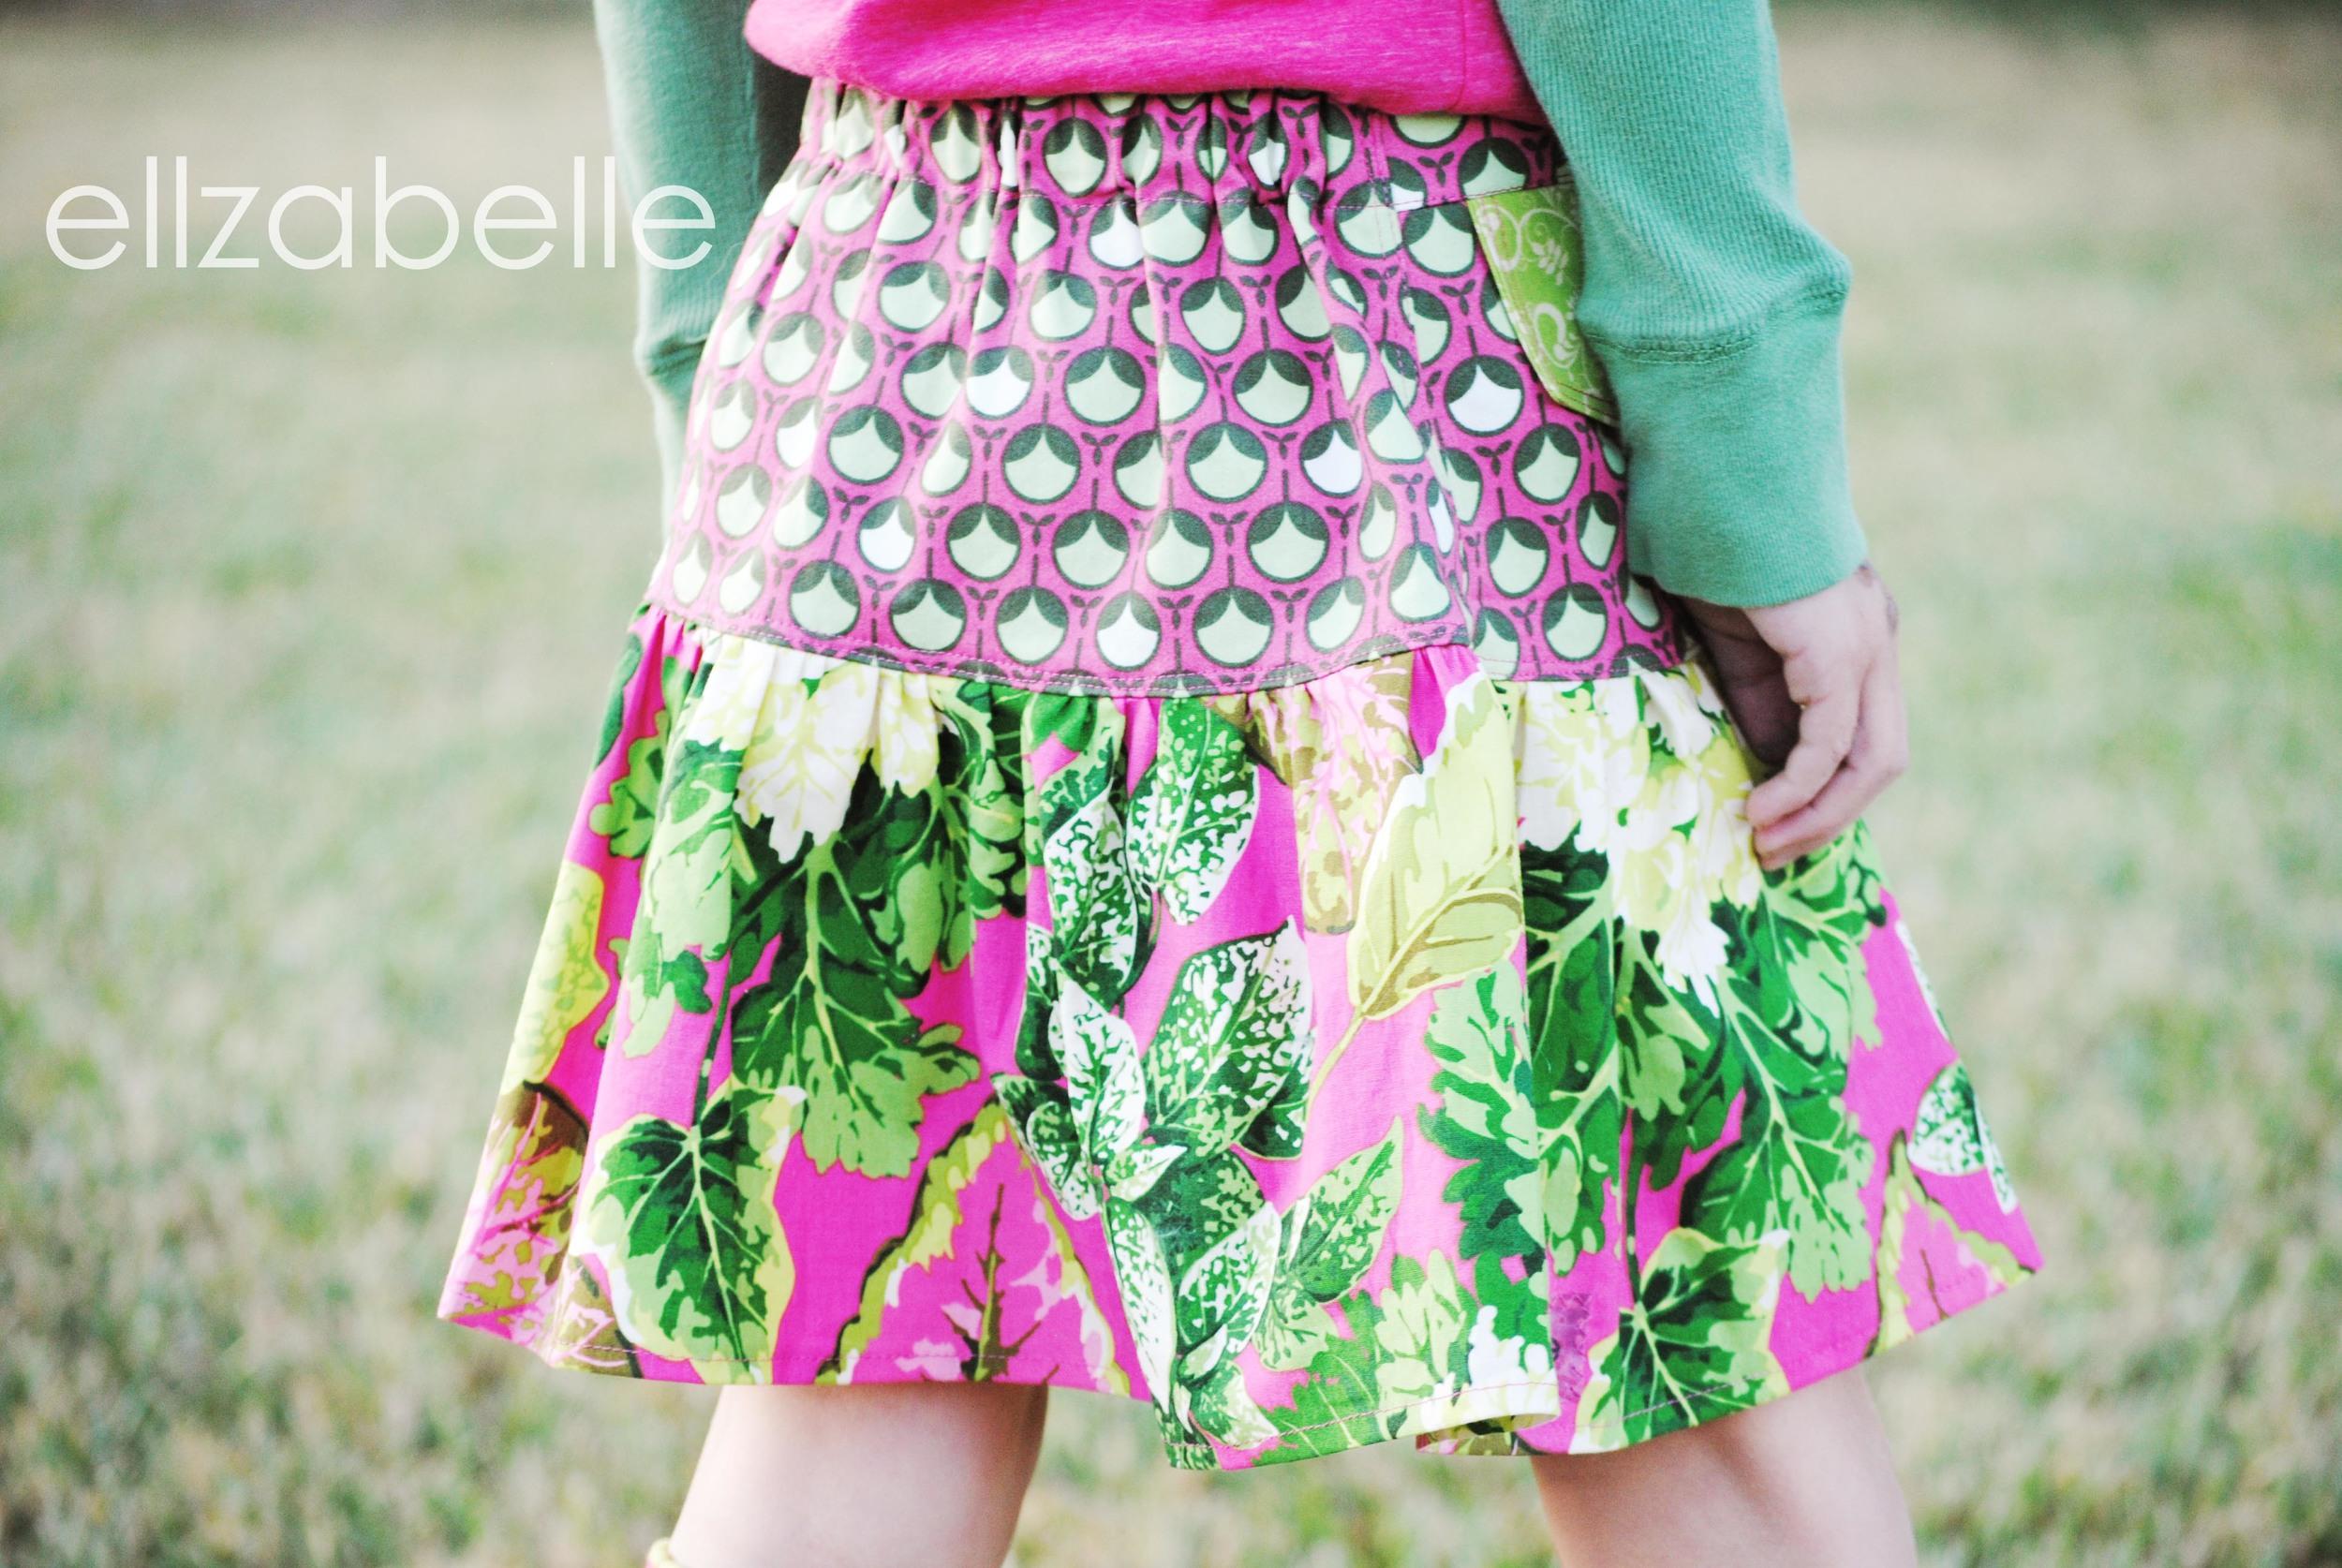 flip skirt3 edited ellzabelle.jpg